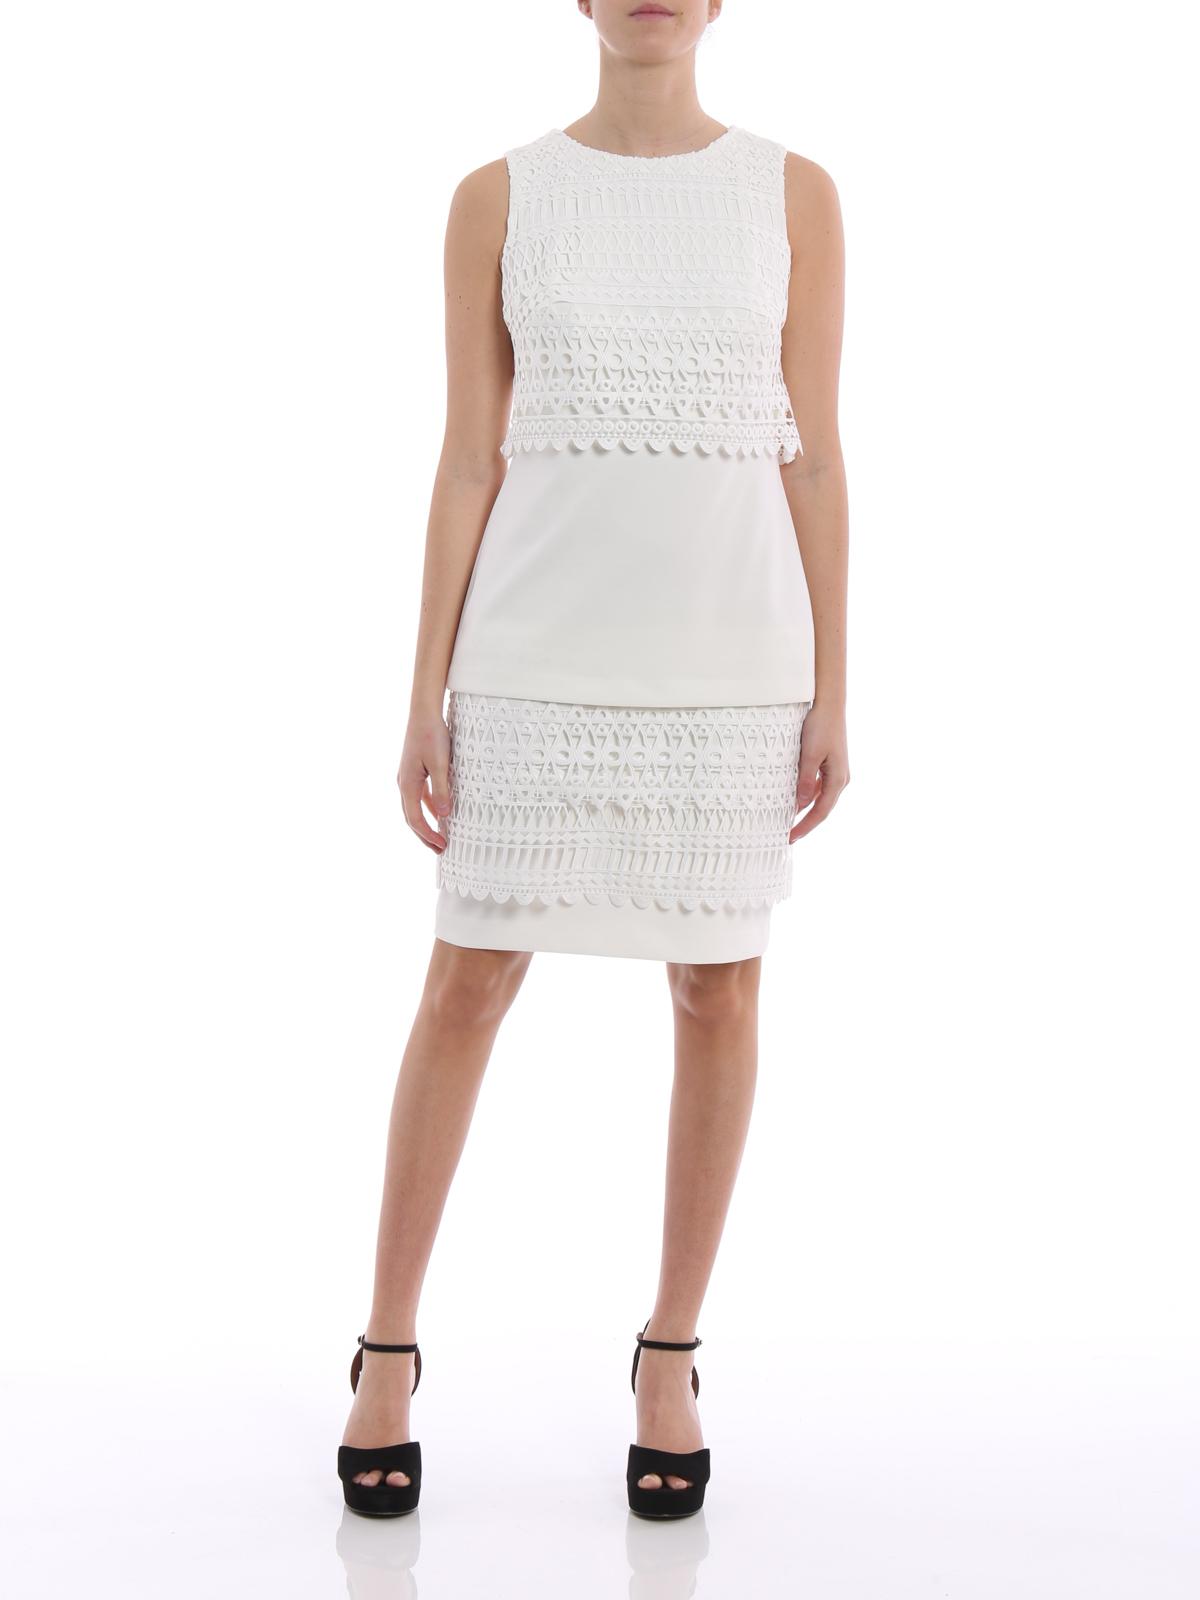 Cocktailkleid - Weiß von Lauren Ralph Lauren - Cocktailkleider | iKRIX